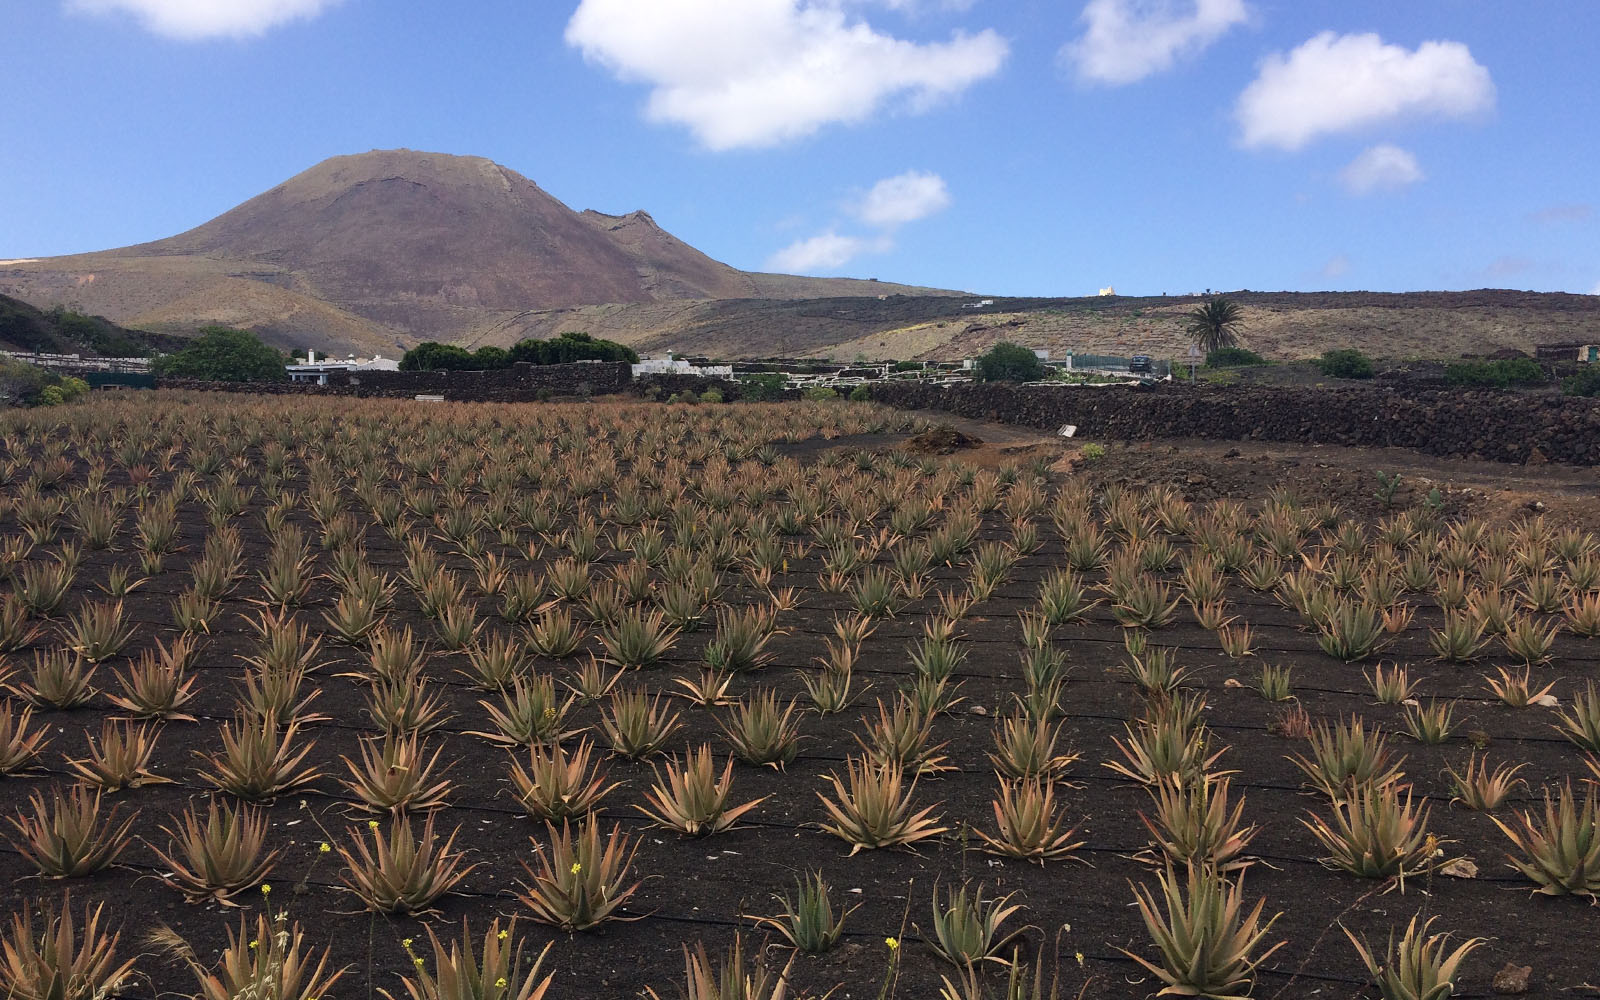 Una delle molteplici coltivazioni di aloe a Lanzarote.